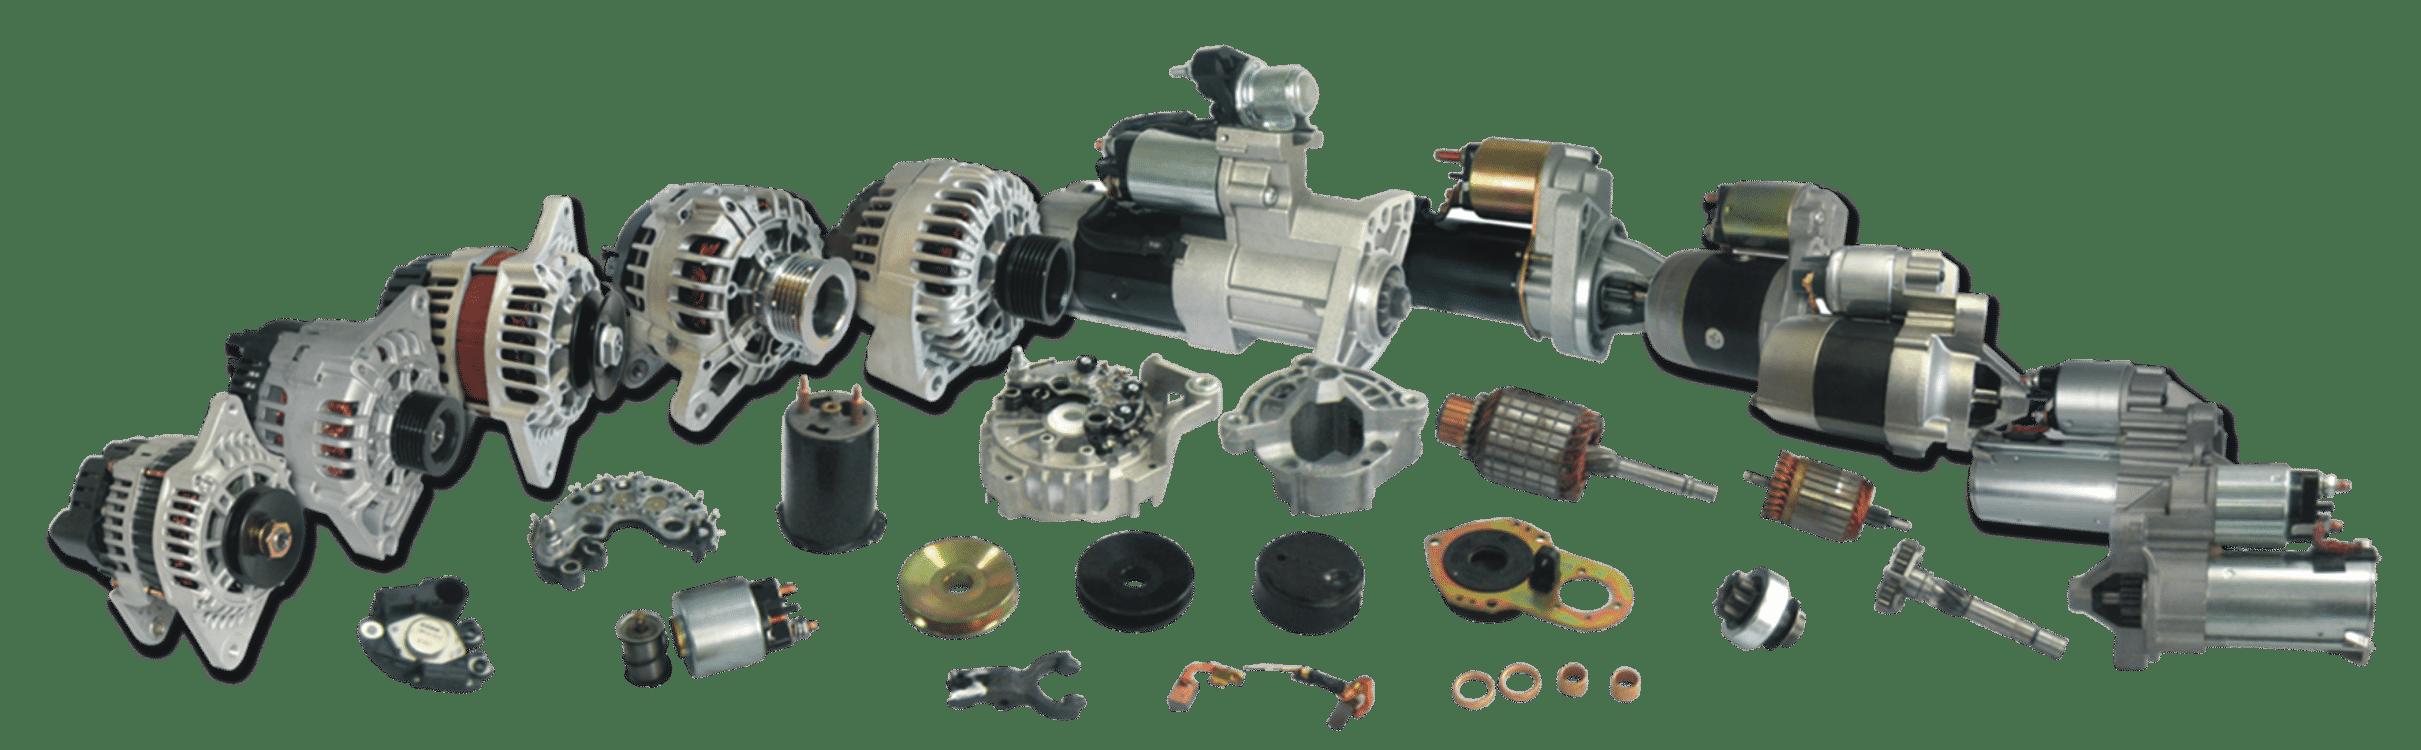 New & Used Auto Parts Hamilton